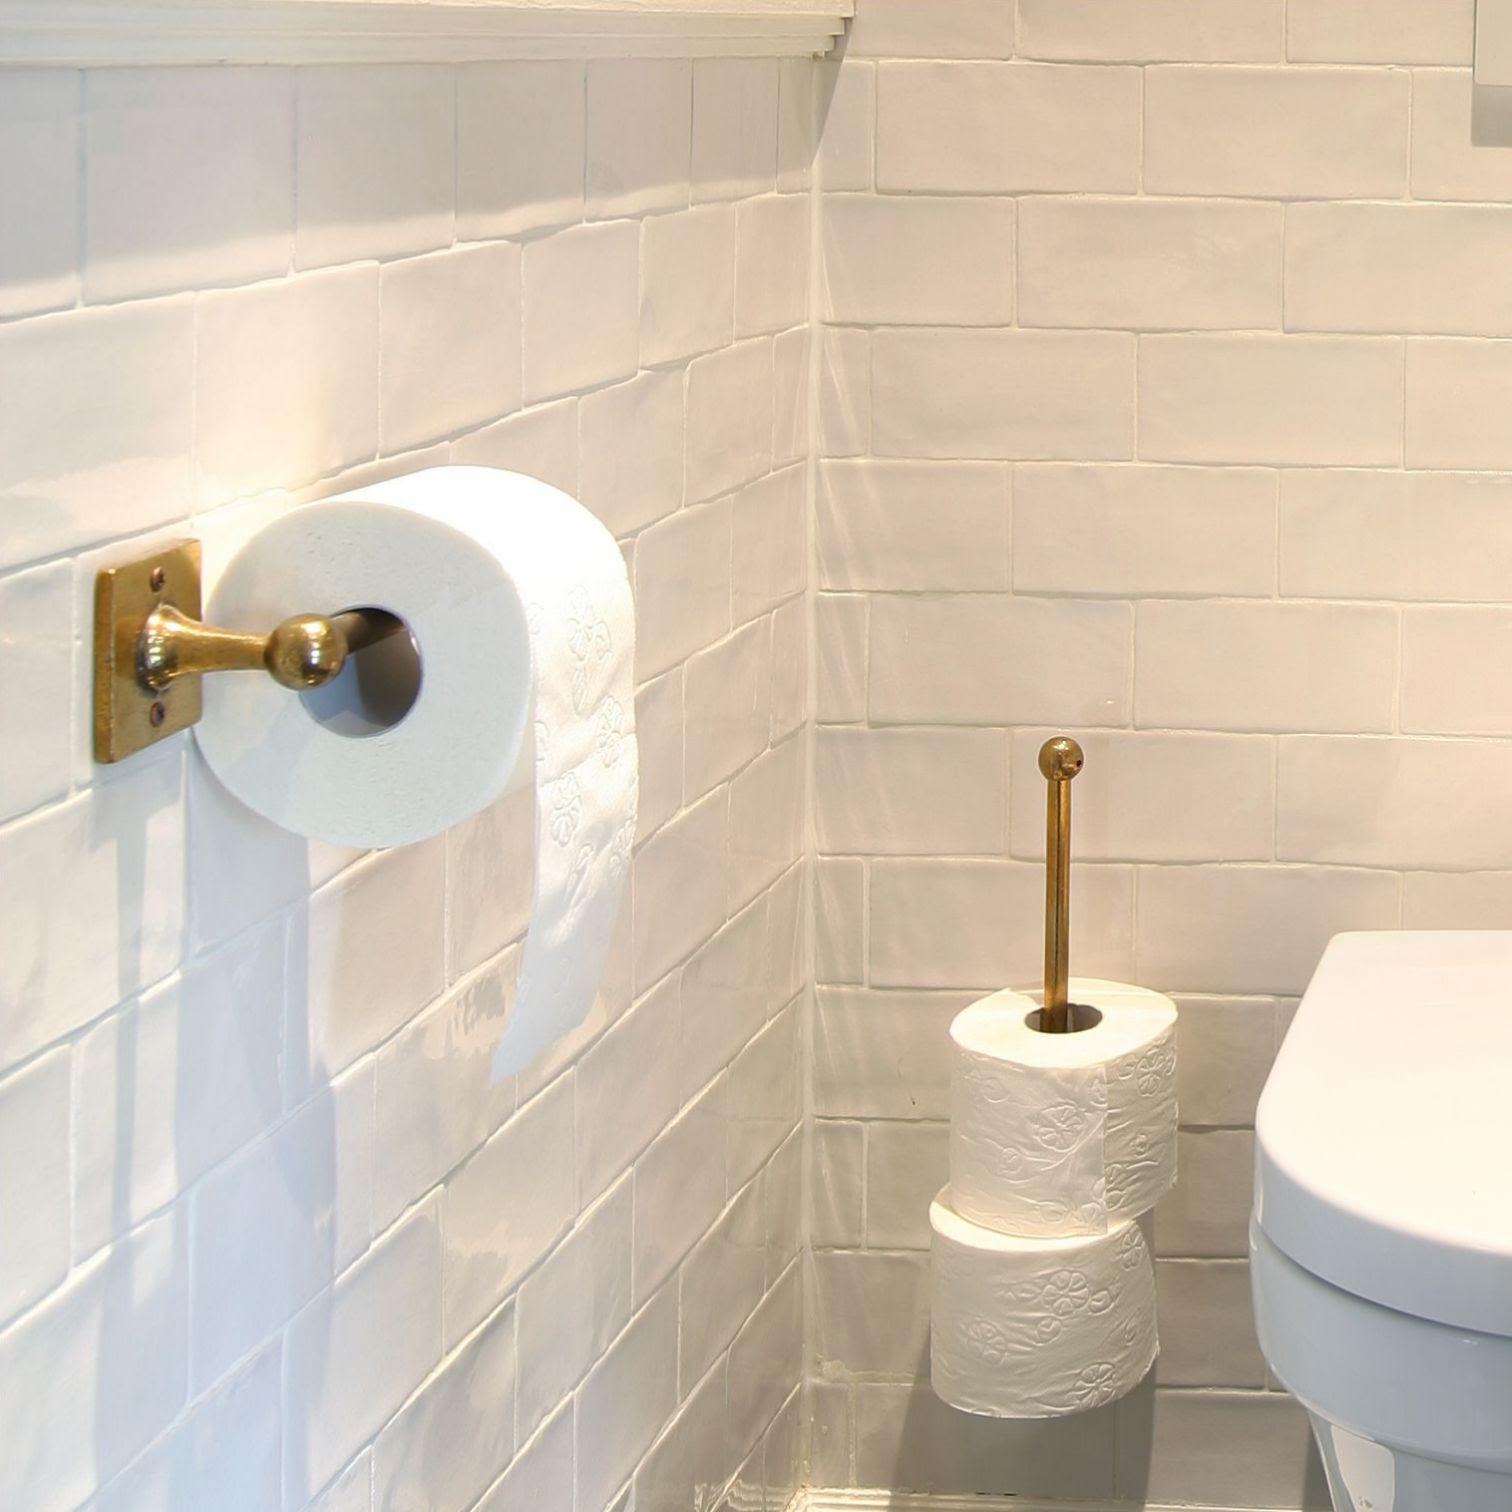 Dauby ruw brons gepolijst voor het toilet. Het materiaal dat voor warmte en glans zorgt in 2020